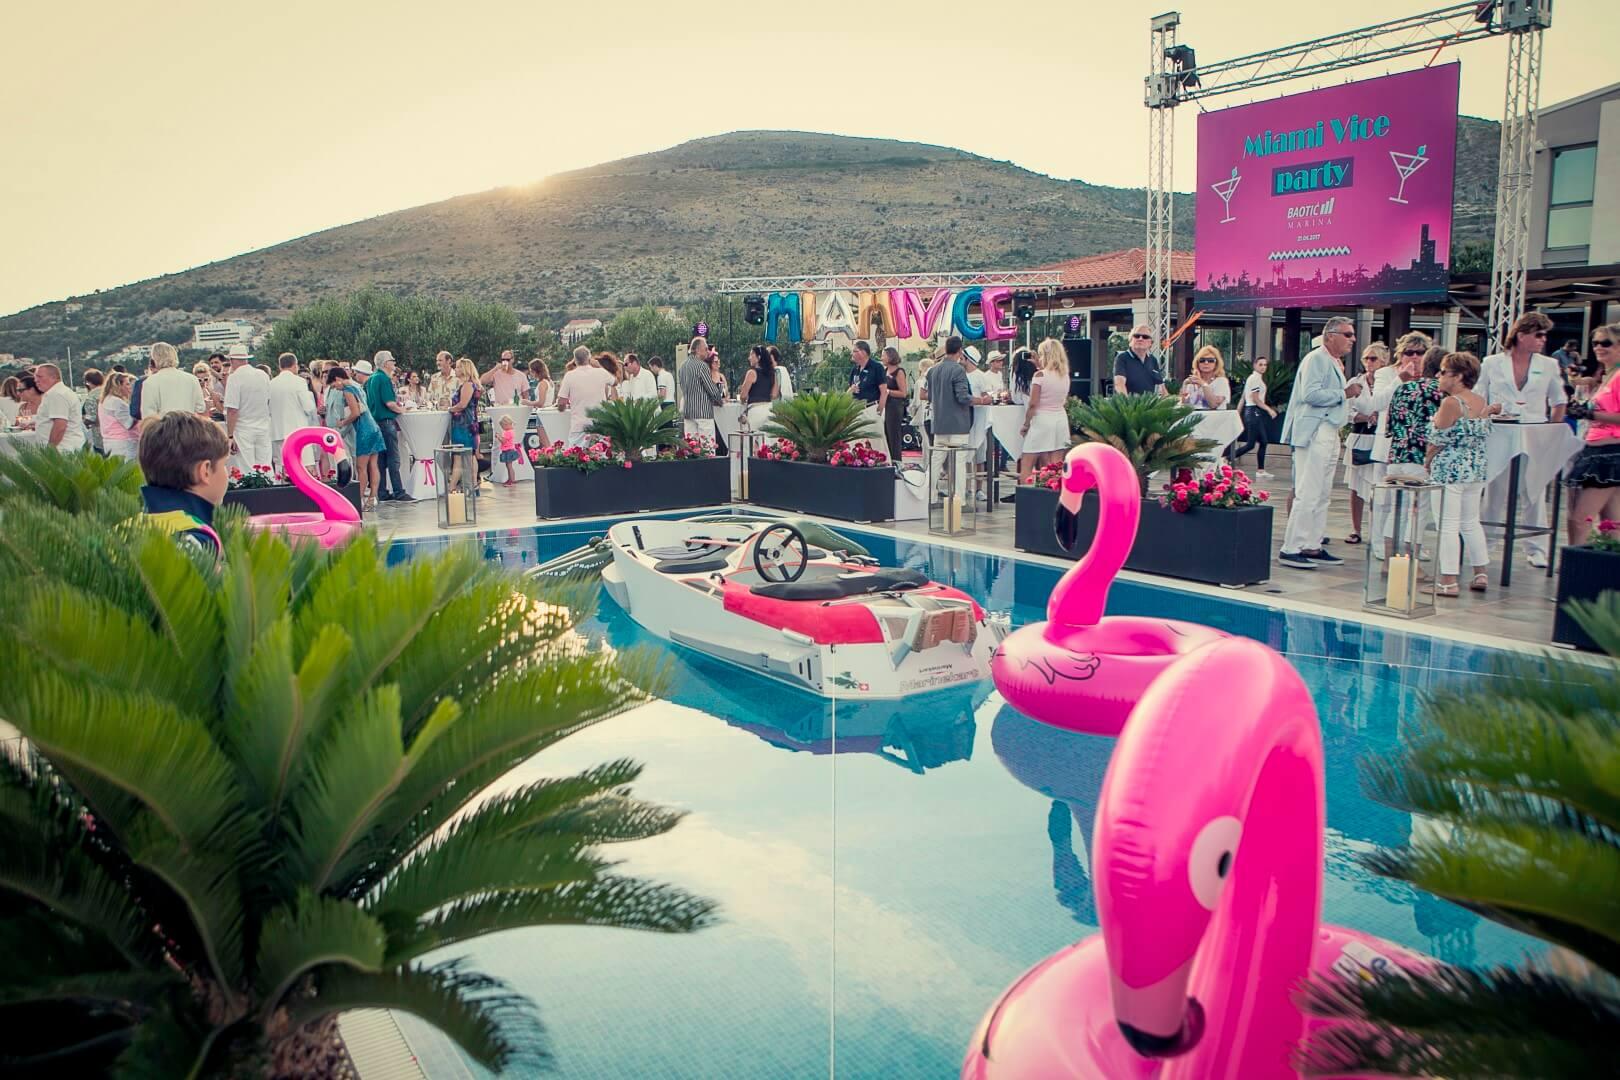 Miami Vice party event scenografija